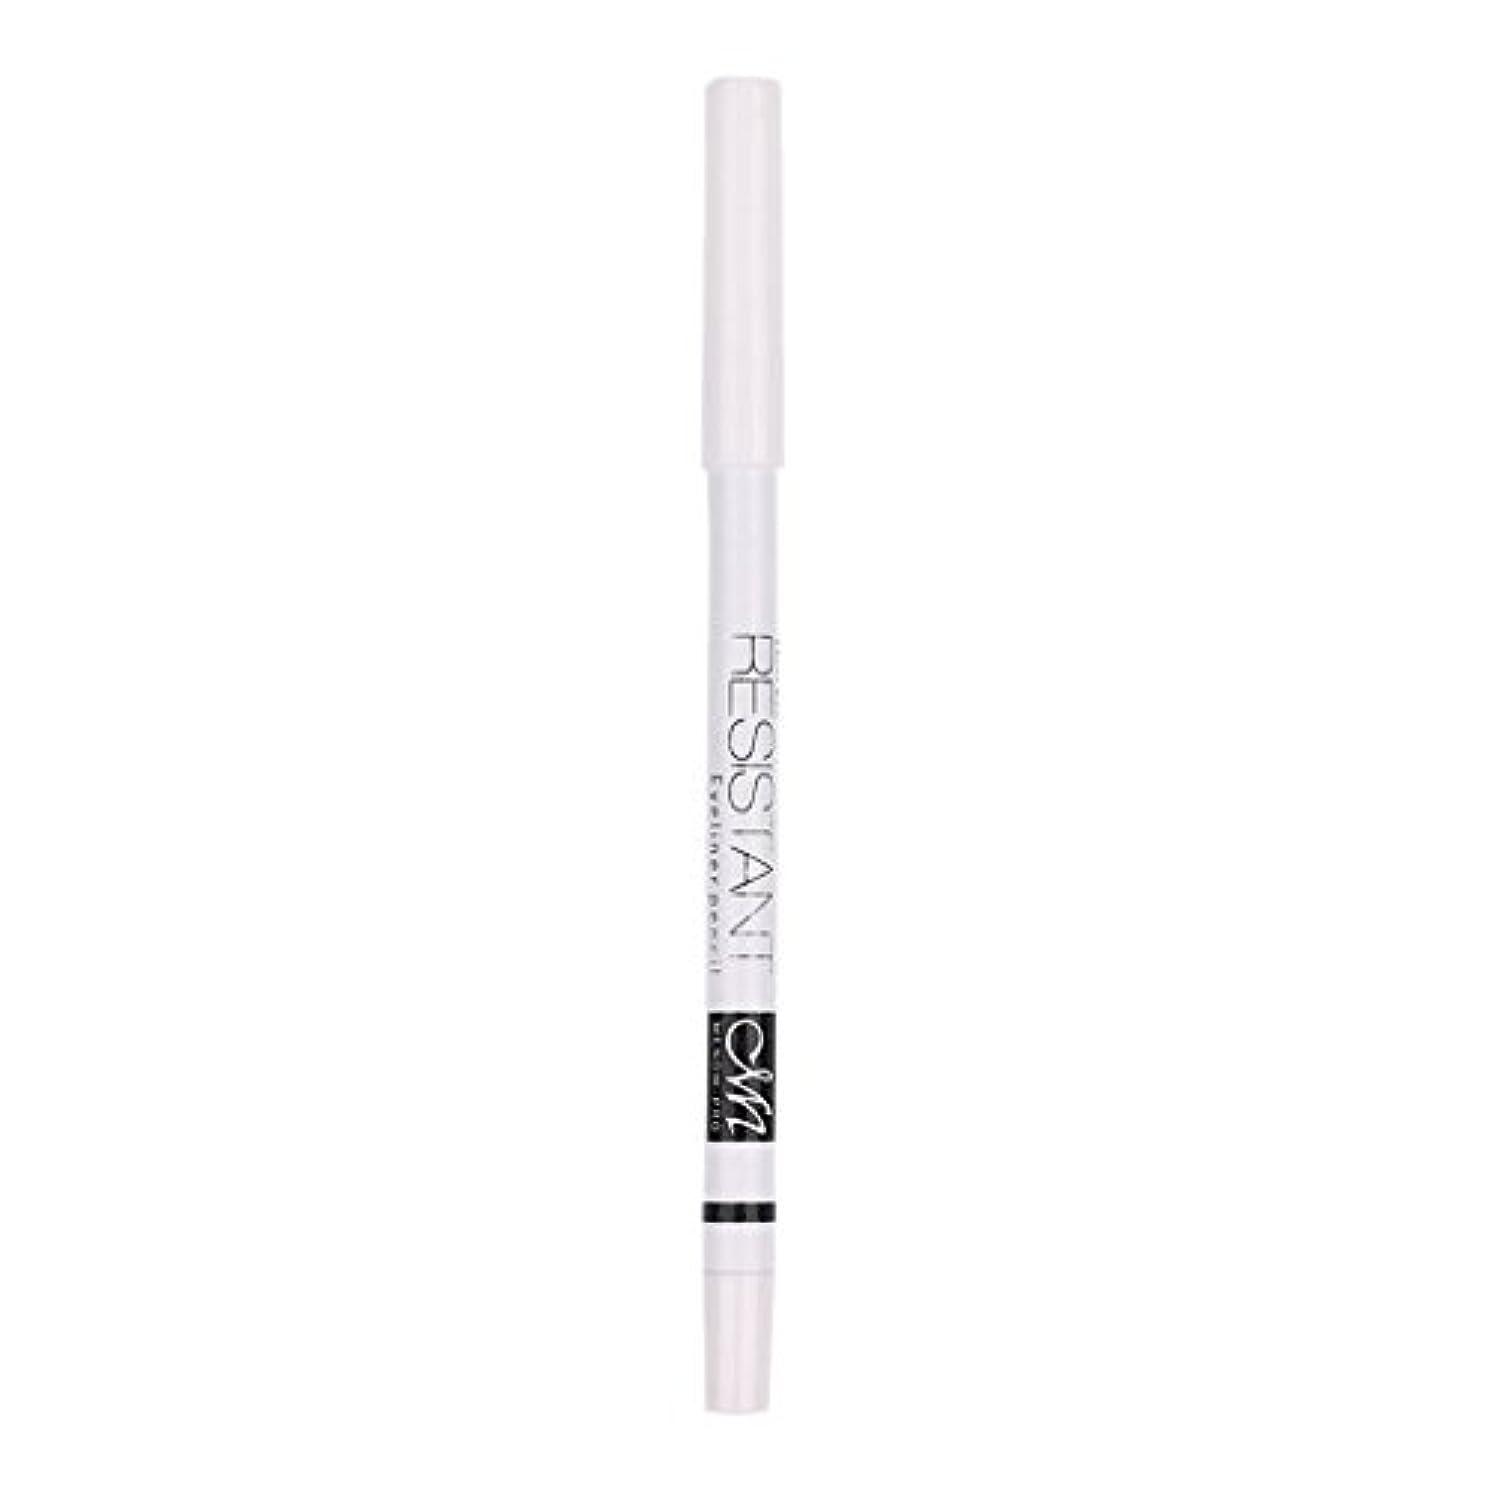 改修プーノ約設定美しい ハイライトスティック 粉 クリームペン 防水 顔 基礎 メイクアップ スティック ファッション おしゃれ